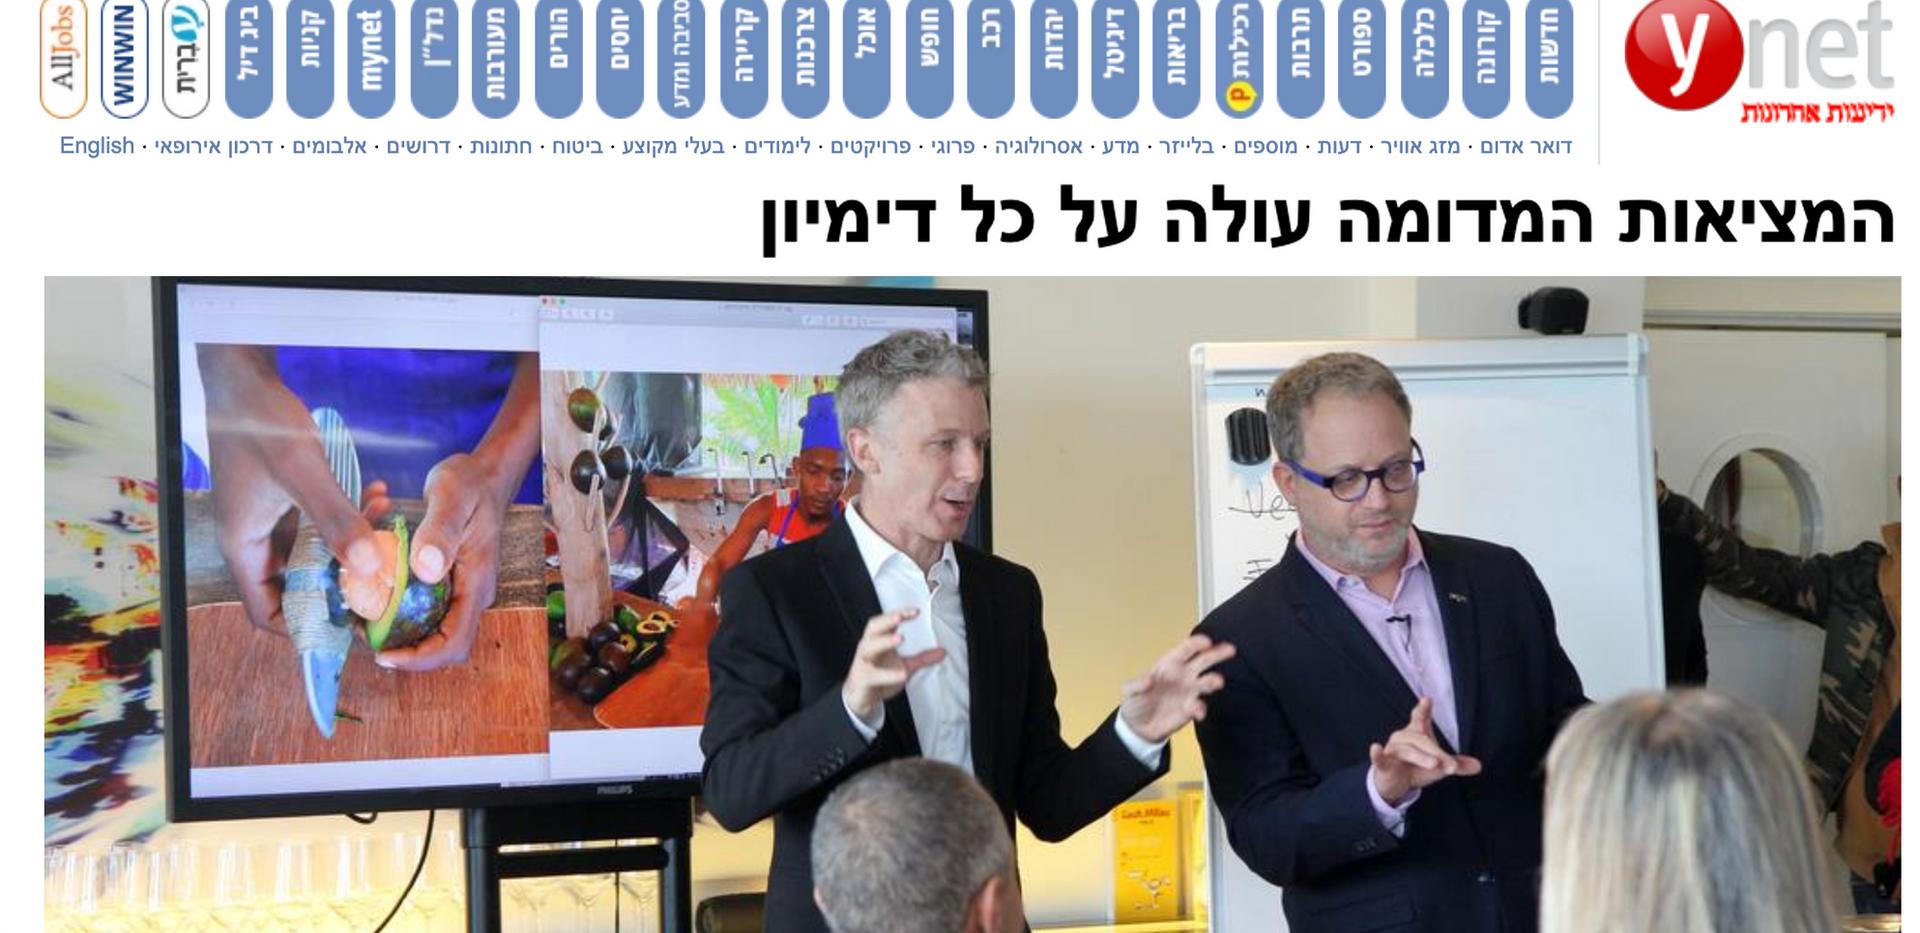 Ynet - December 5, 2019